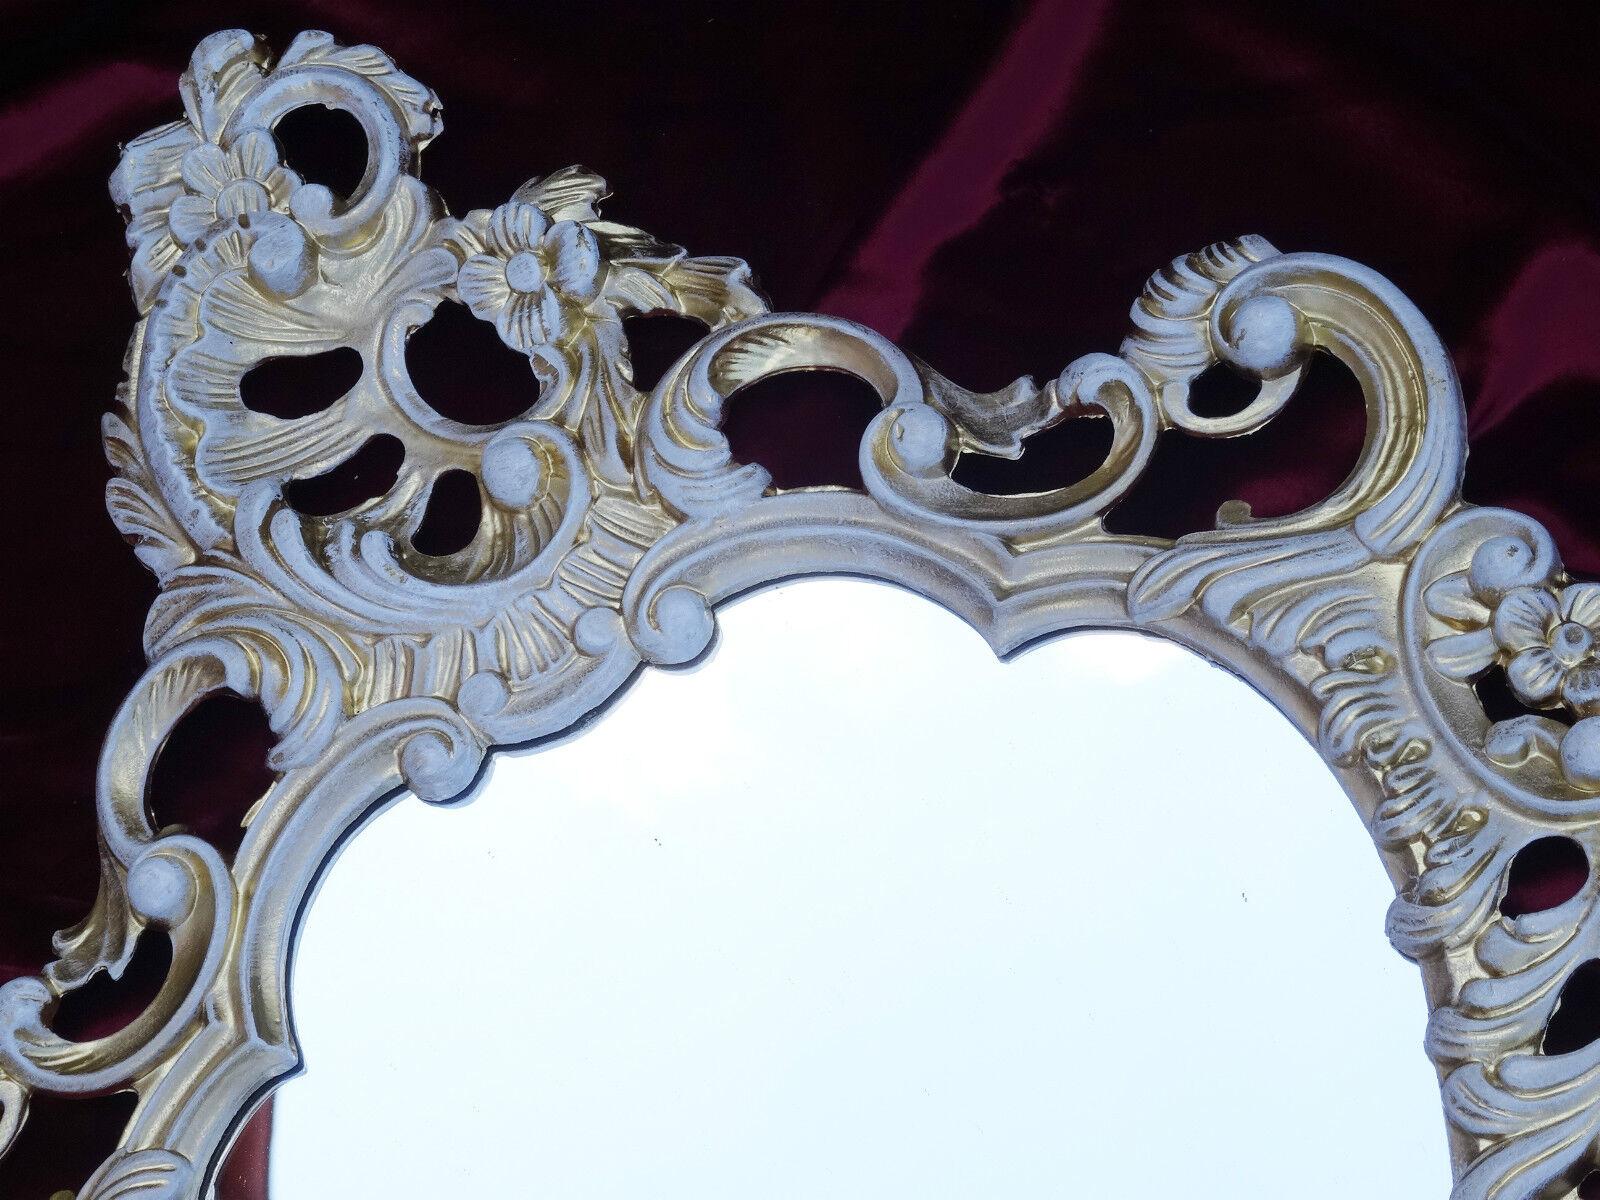 Arte Y Antigüedades Espejos Barockspiege Espejo De Pared En Repro Antiguo Barroco Estilo Moderno Oro Blanco